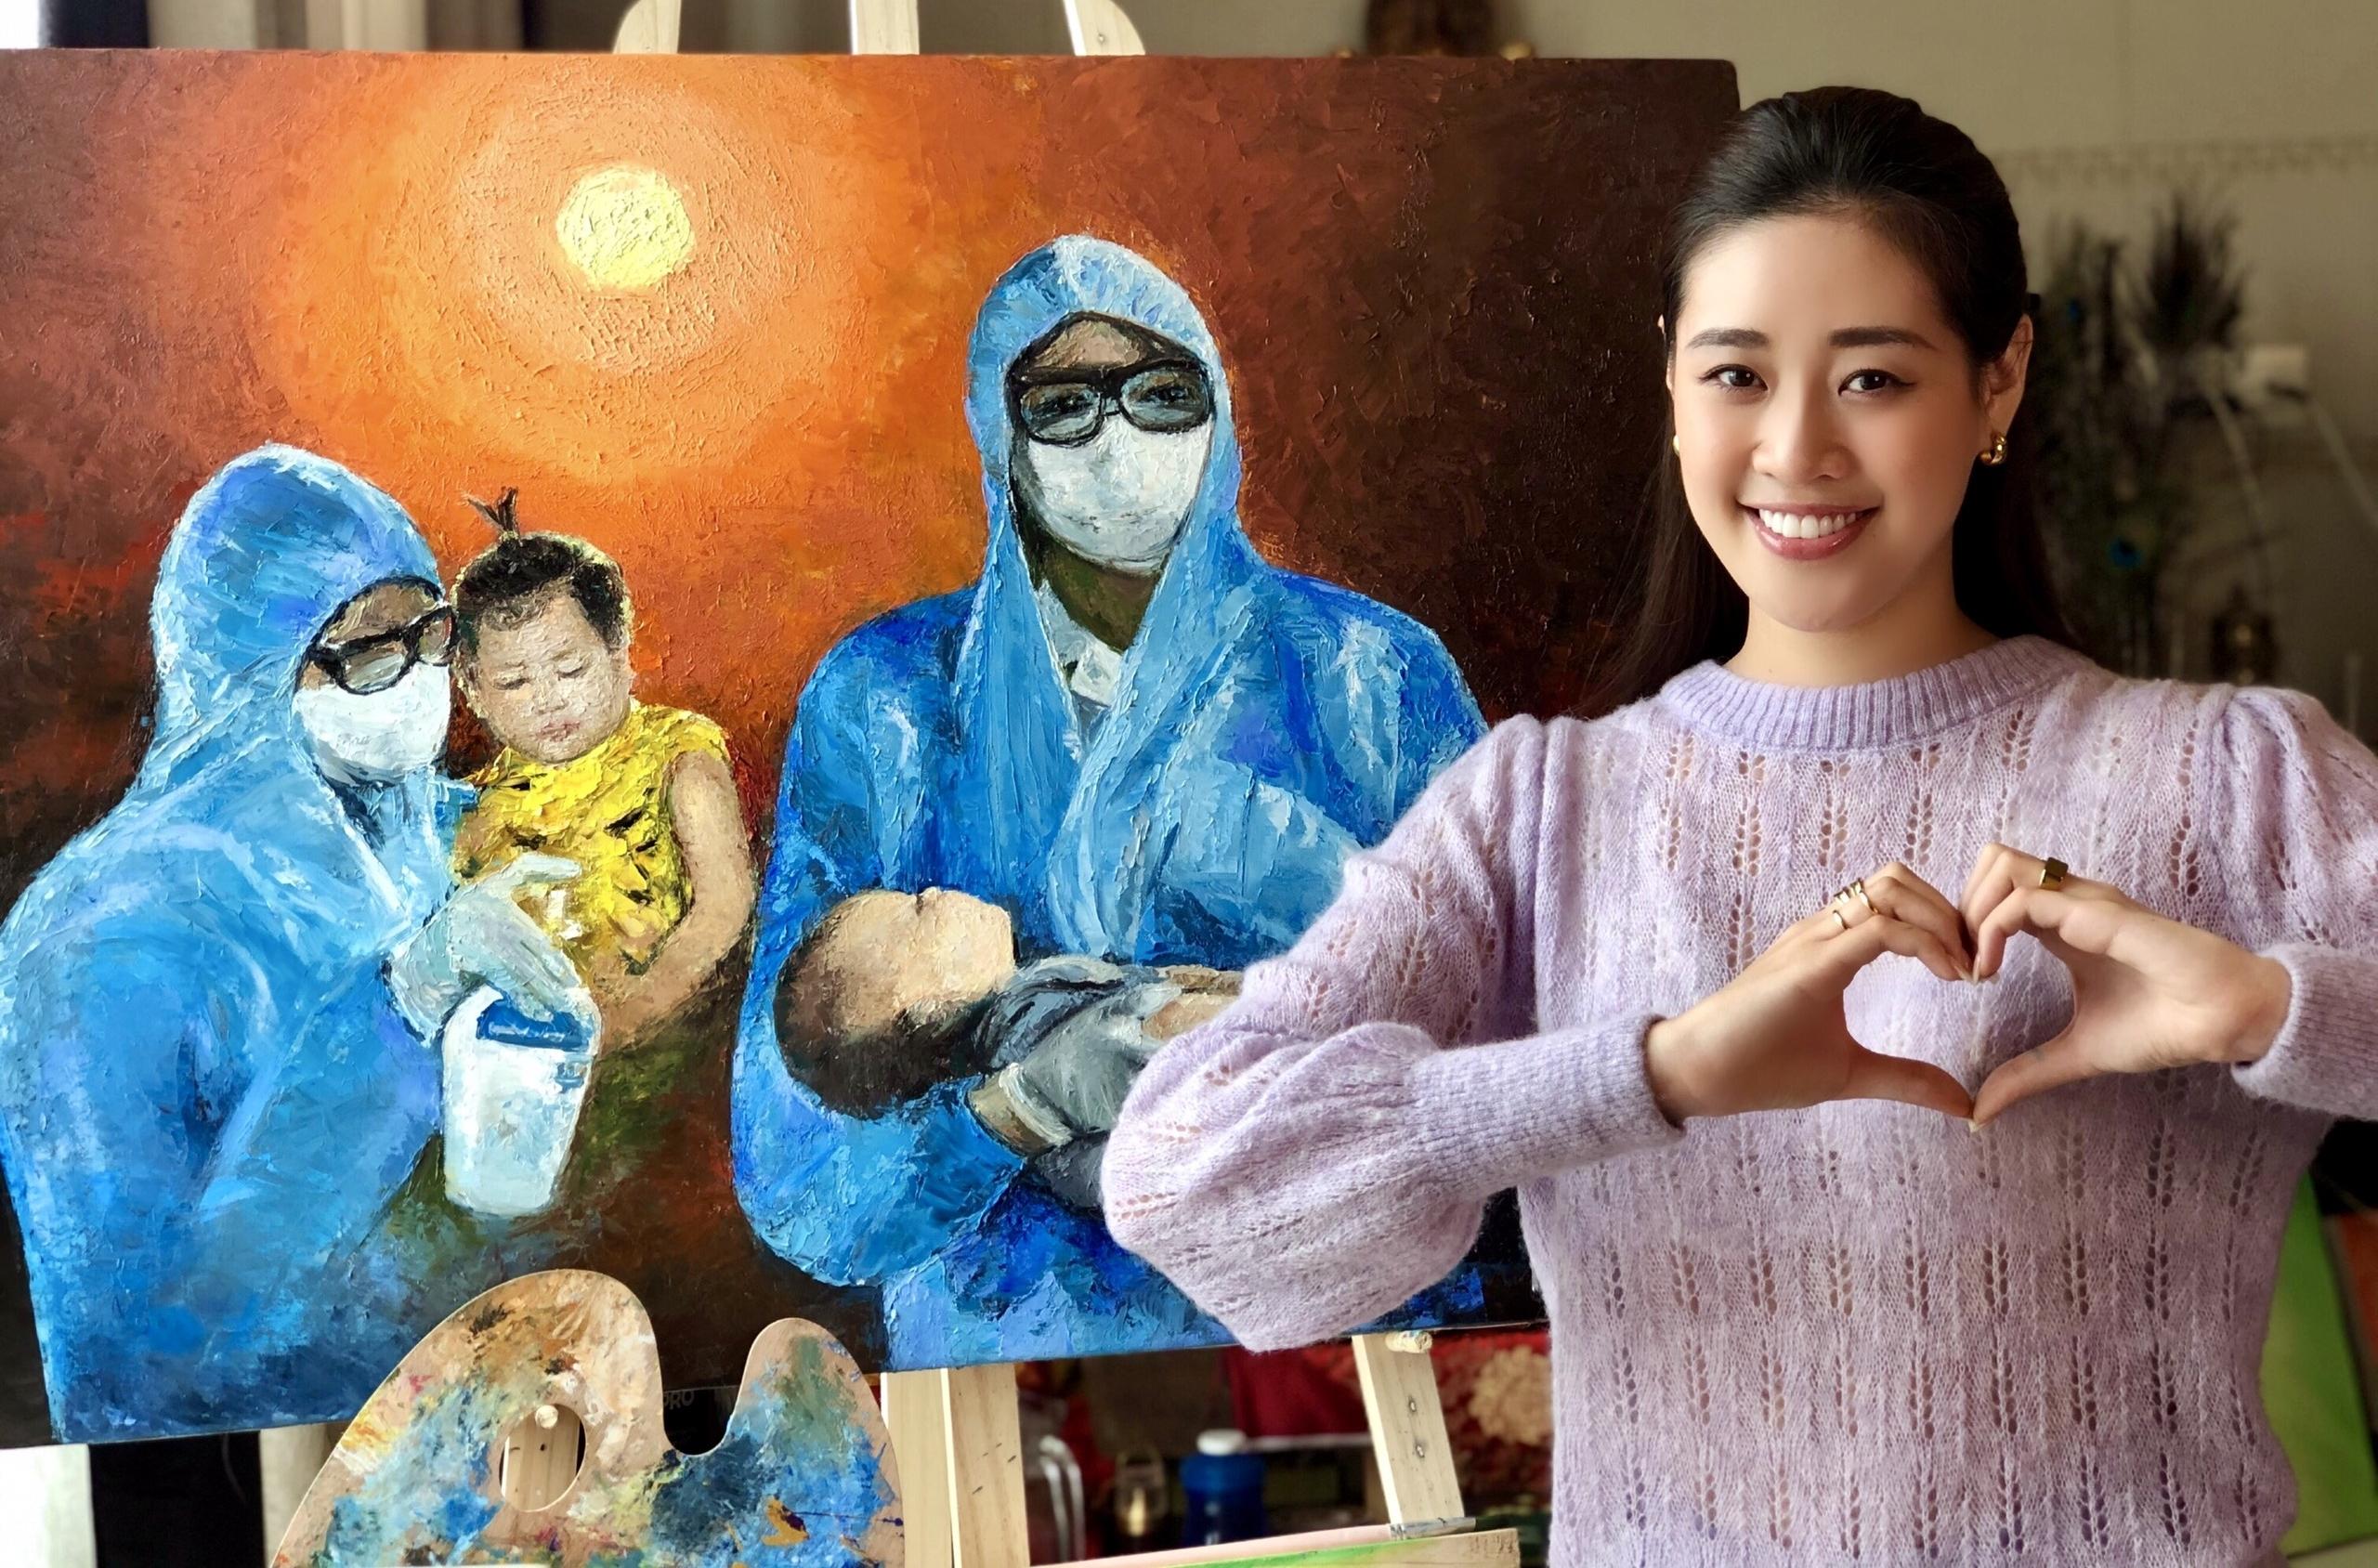 Hoa hậu Khánh Vân đấu giá tranh tự vẽ để ủng hộ chống dịch Covid-19